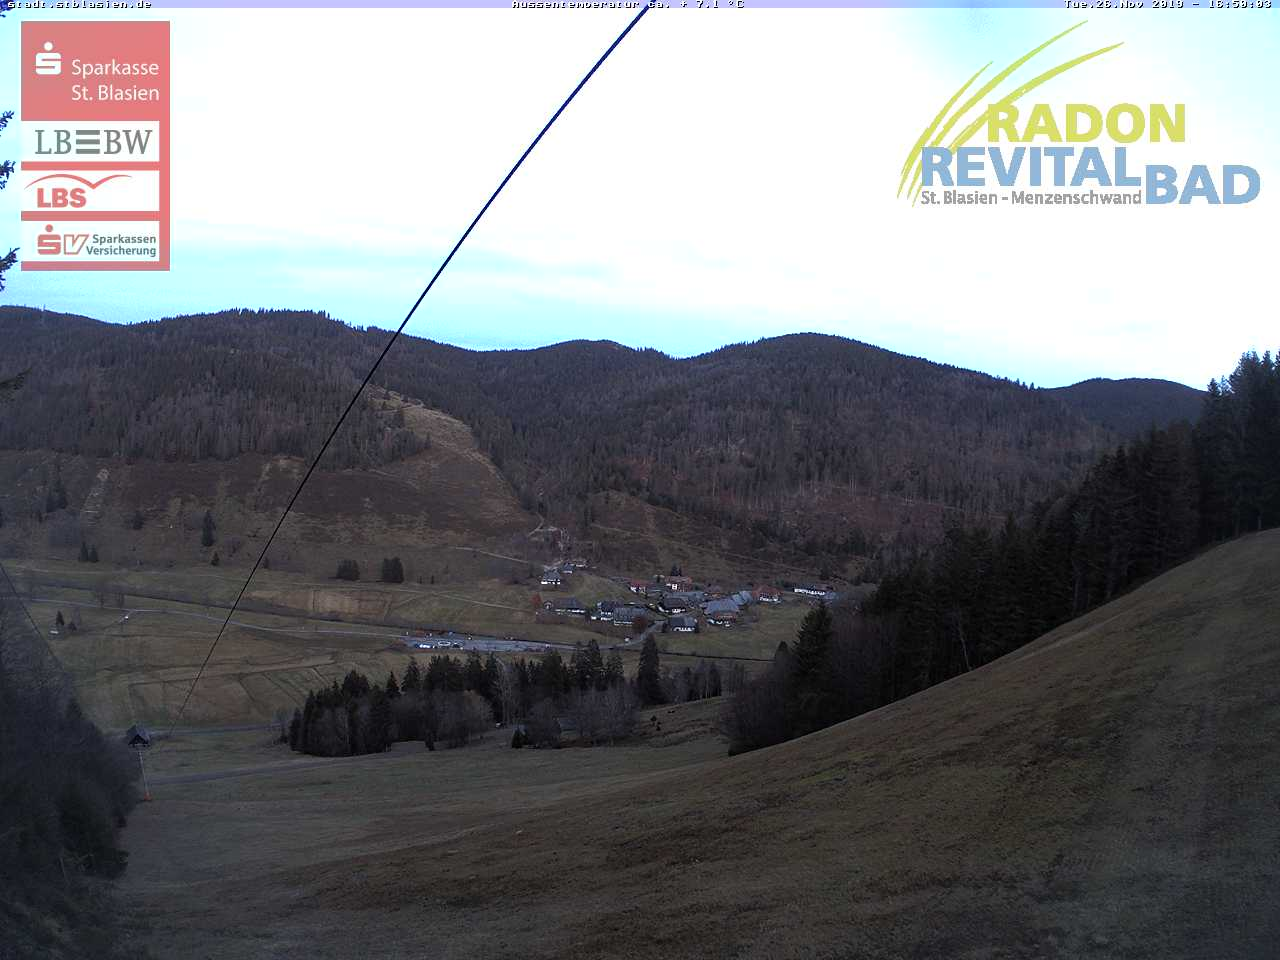 St. Blasien - Blick von der Bergstation Mößle ins Tal